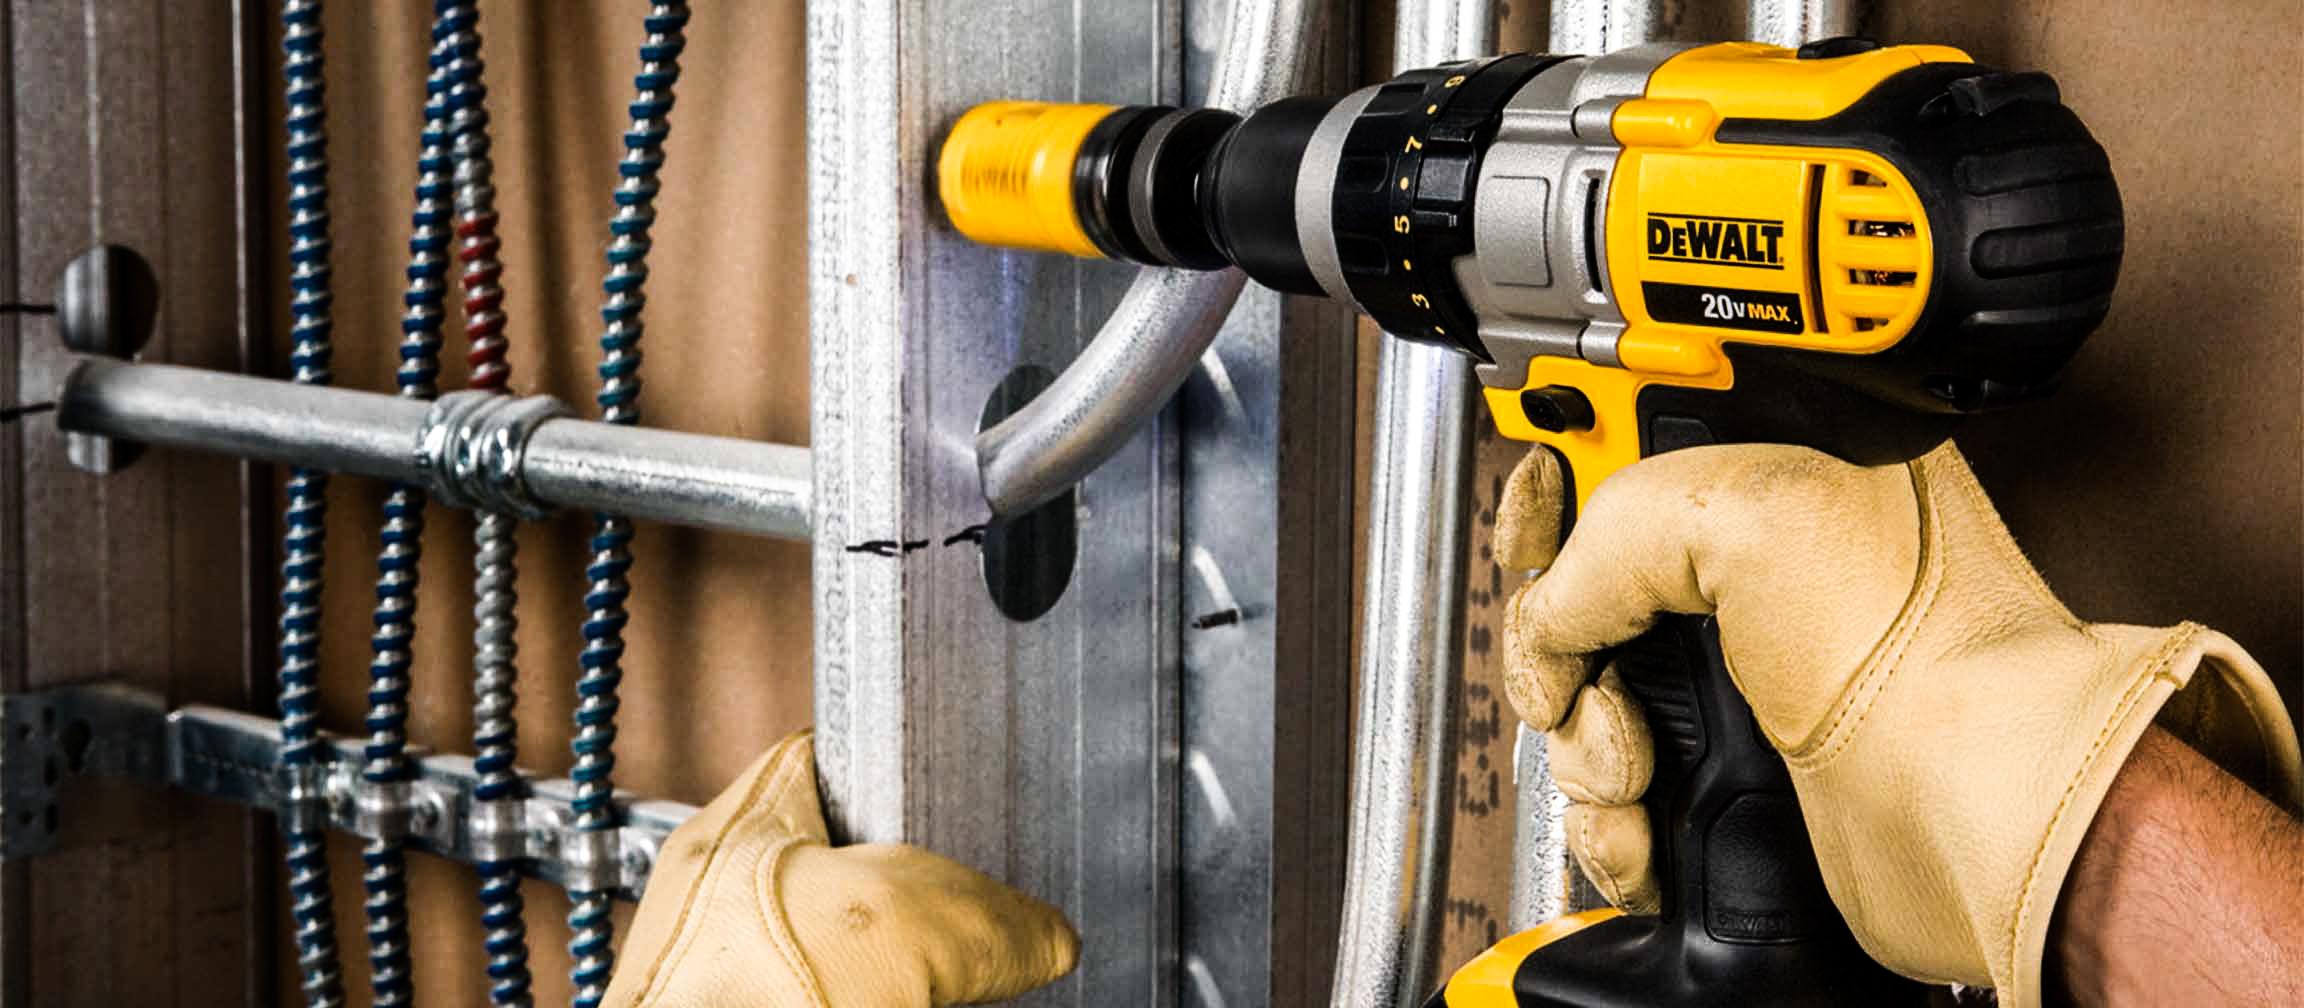 DIY Power Tools - DEWALT Drill